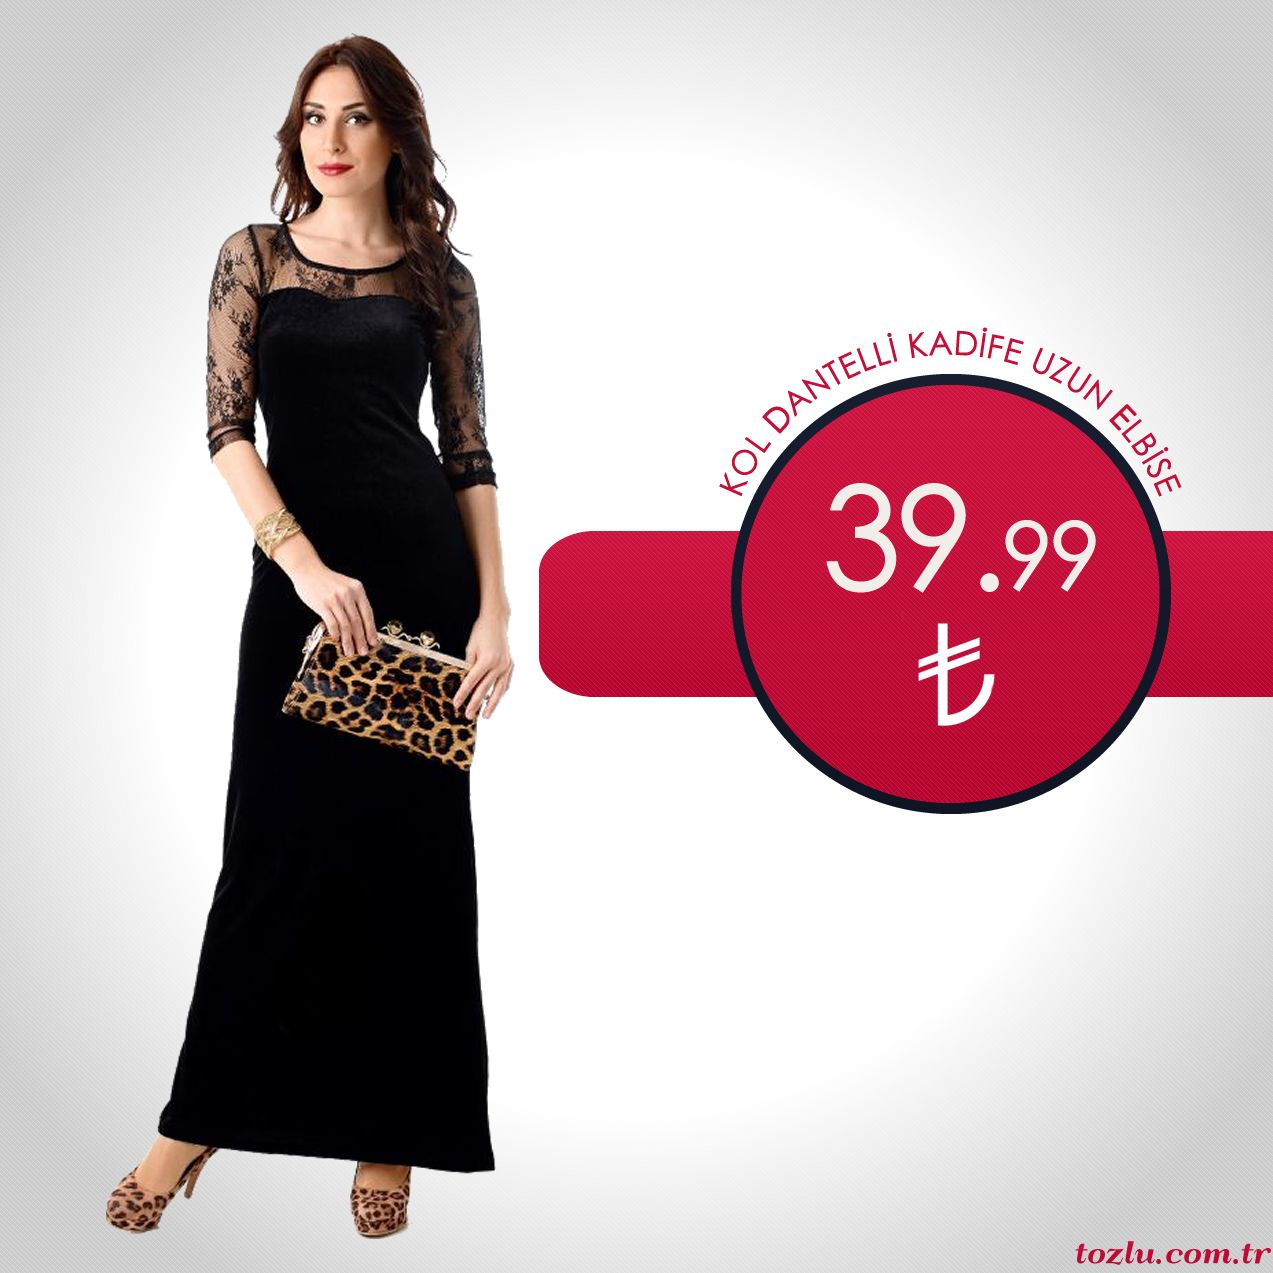 a08b7a6805d83 #Tozlu #elbise modelleri ile kendinizi daha iyi hissedin! Ürünü incelemek  ve sipariş vermek